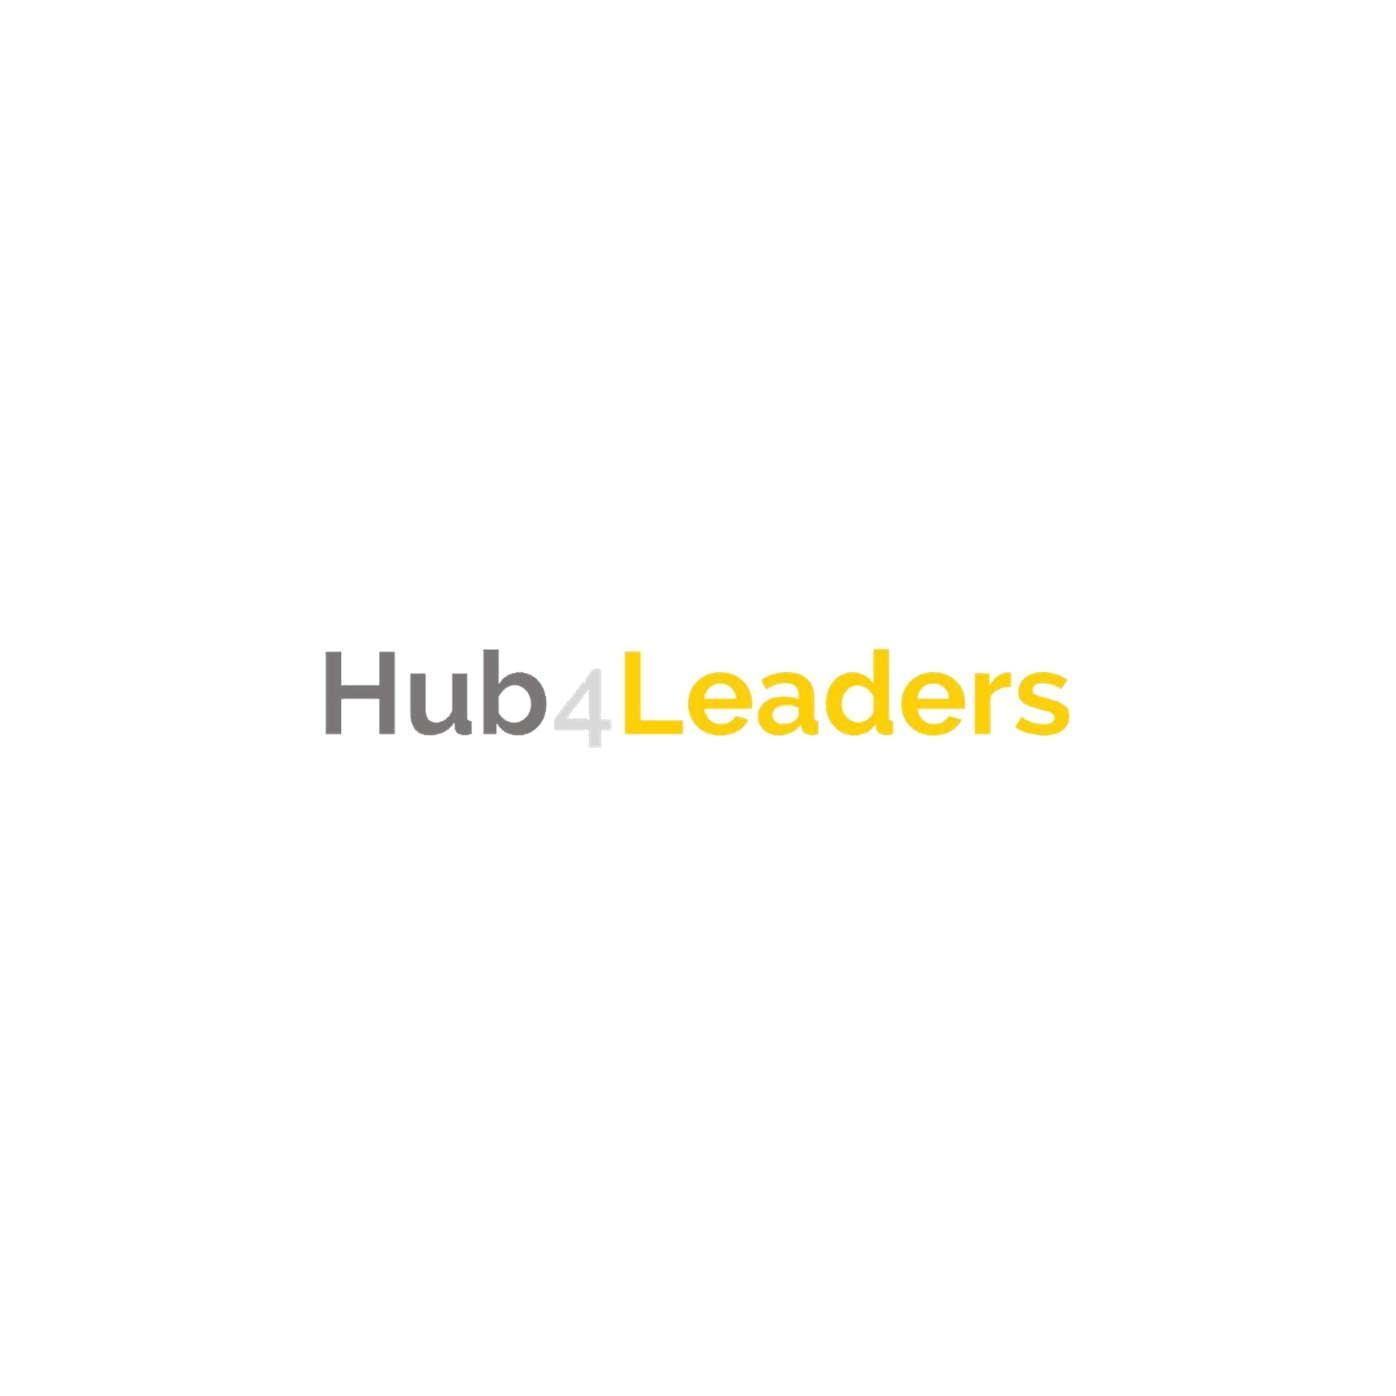 Hub4Leaders